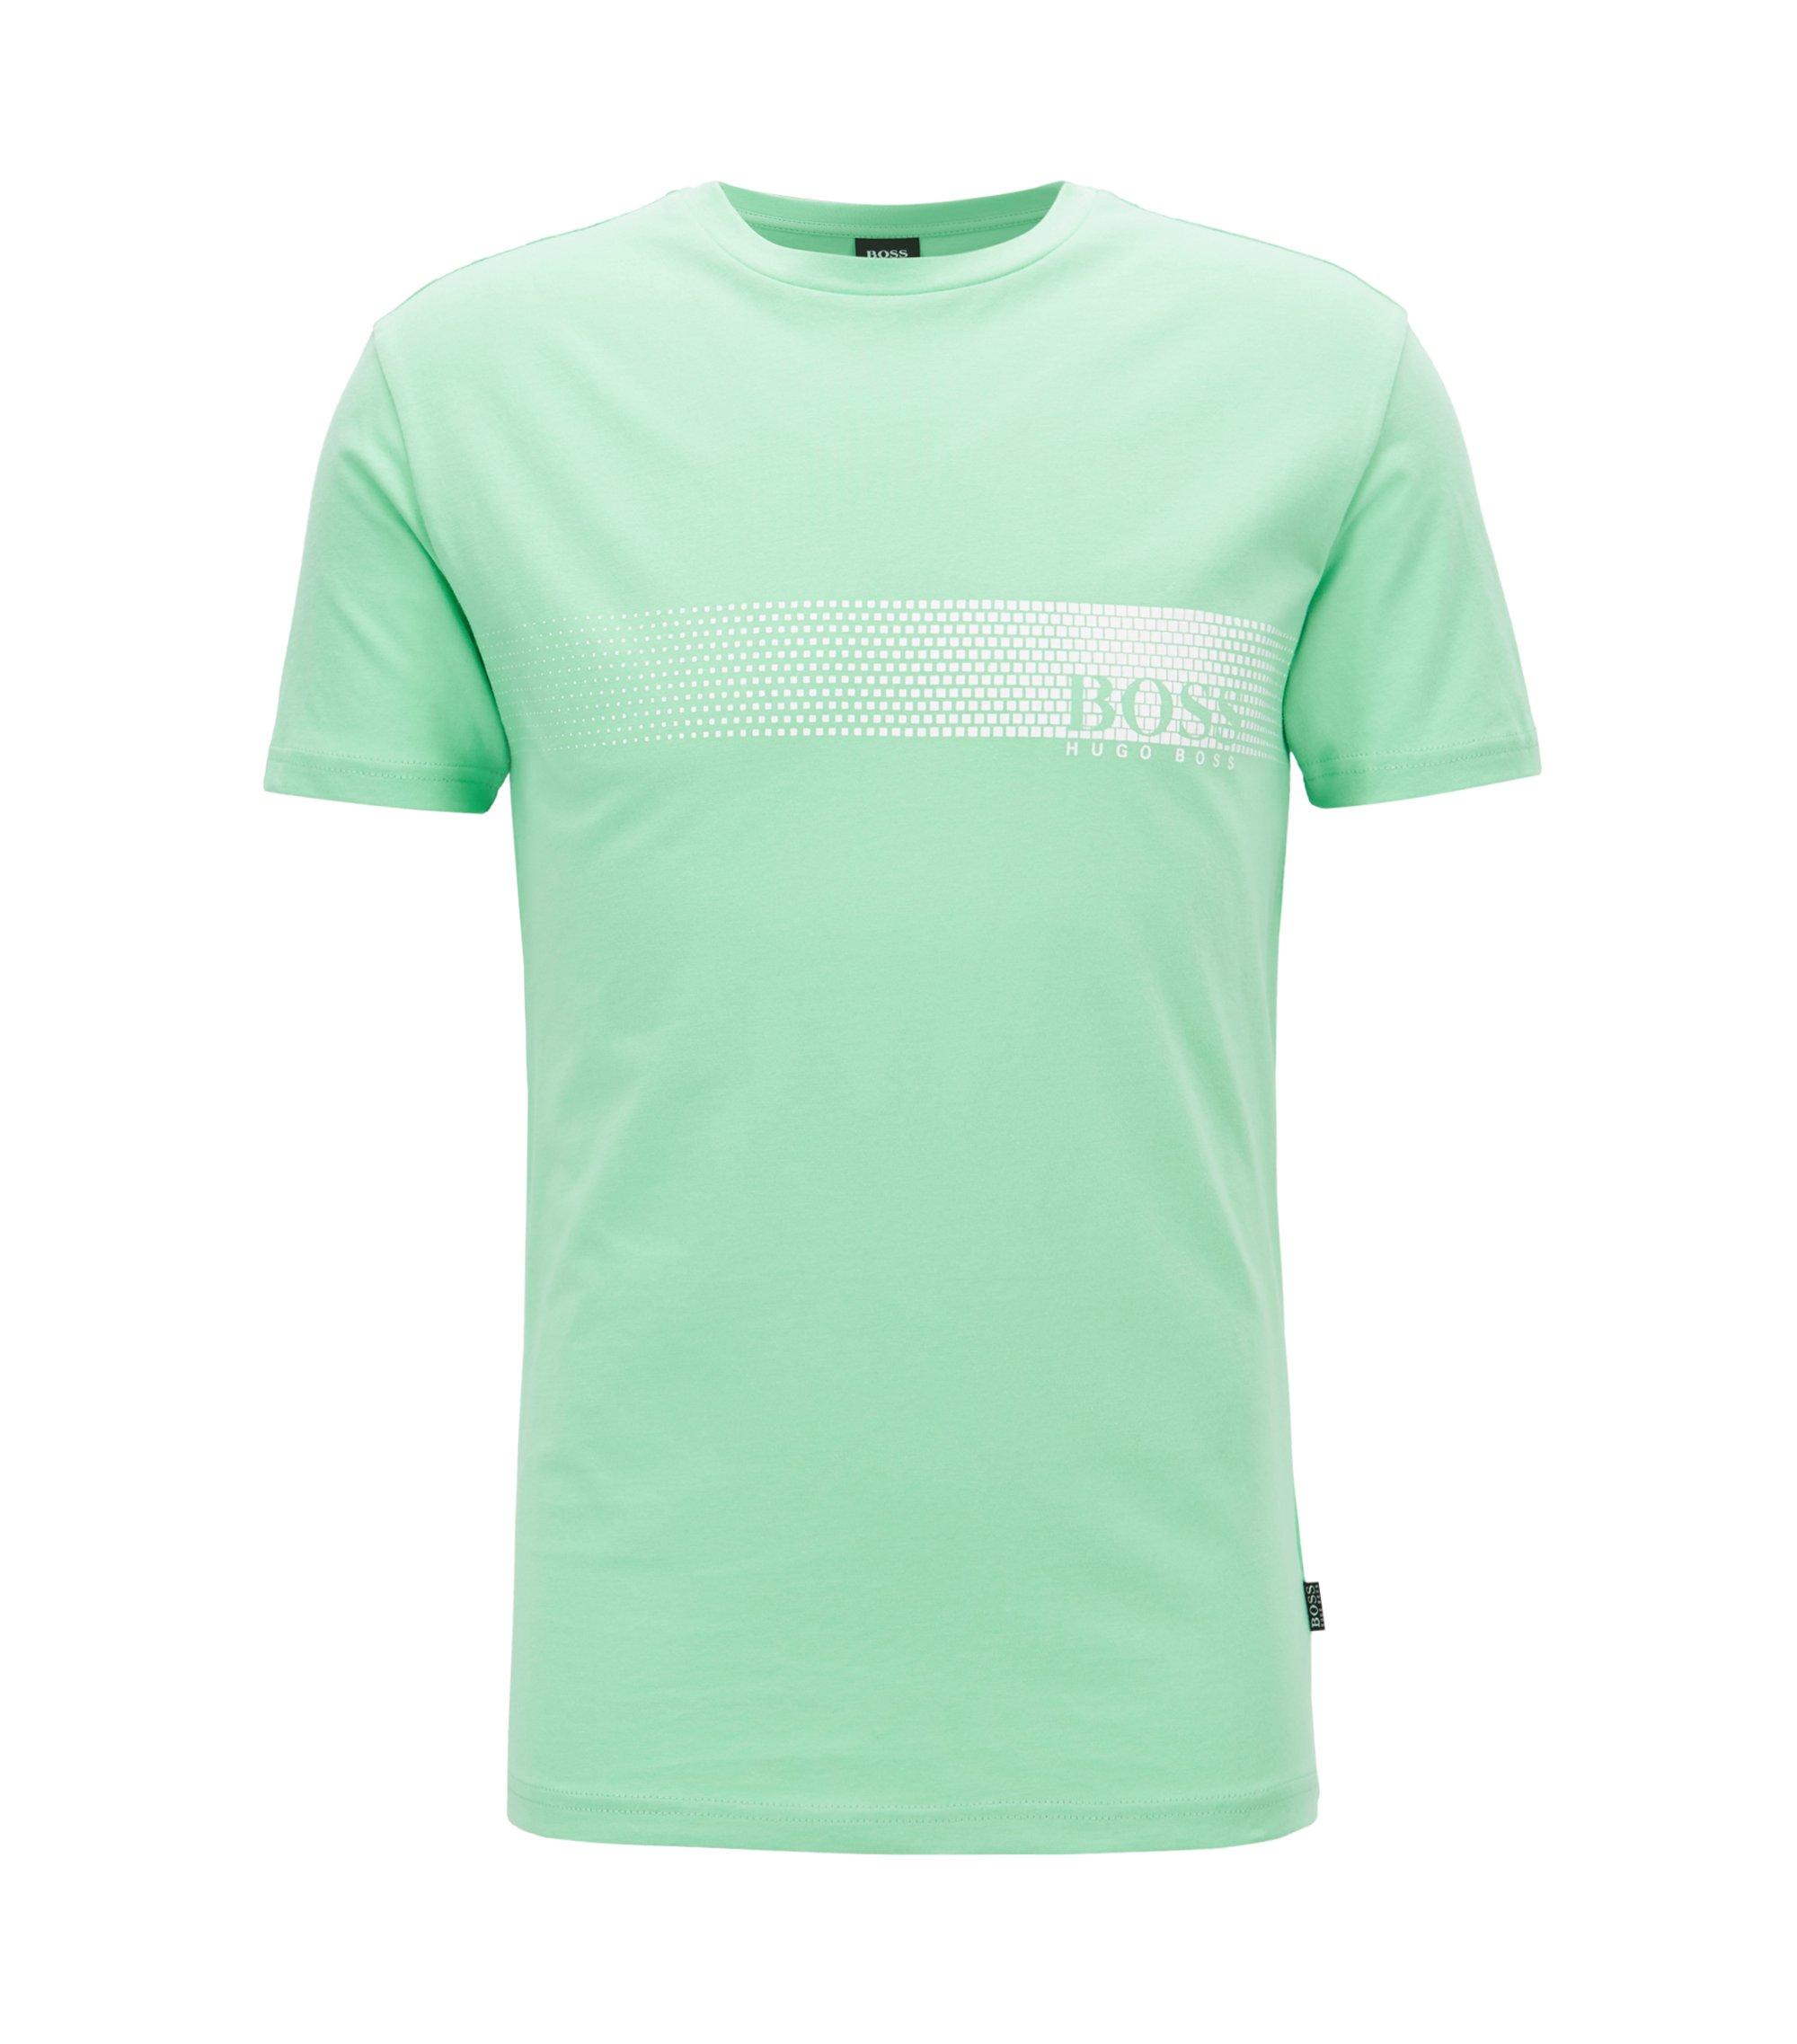 T-Shirt aus Baumwolle mit Logo-Print und Sonnenschutz, Hellgrün